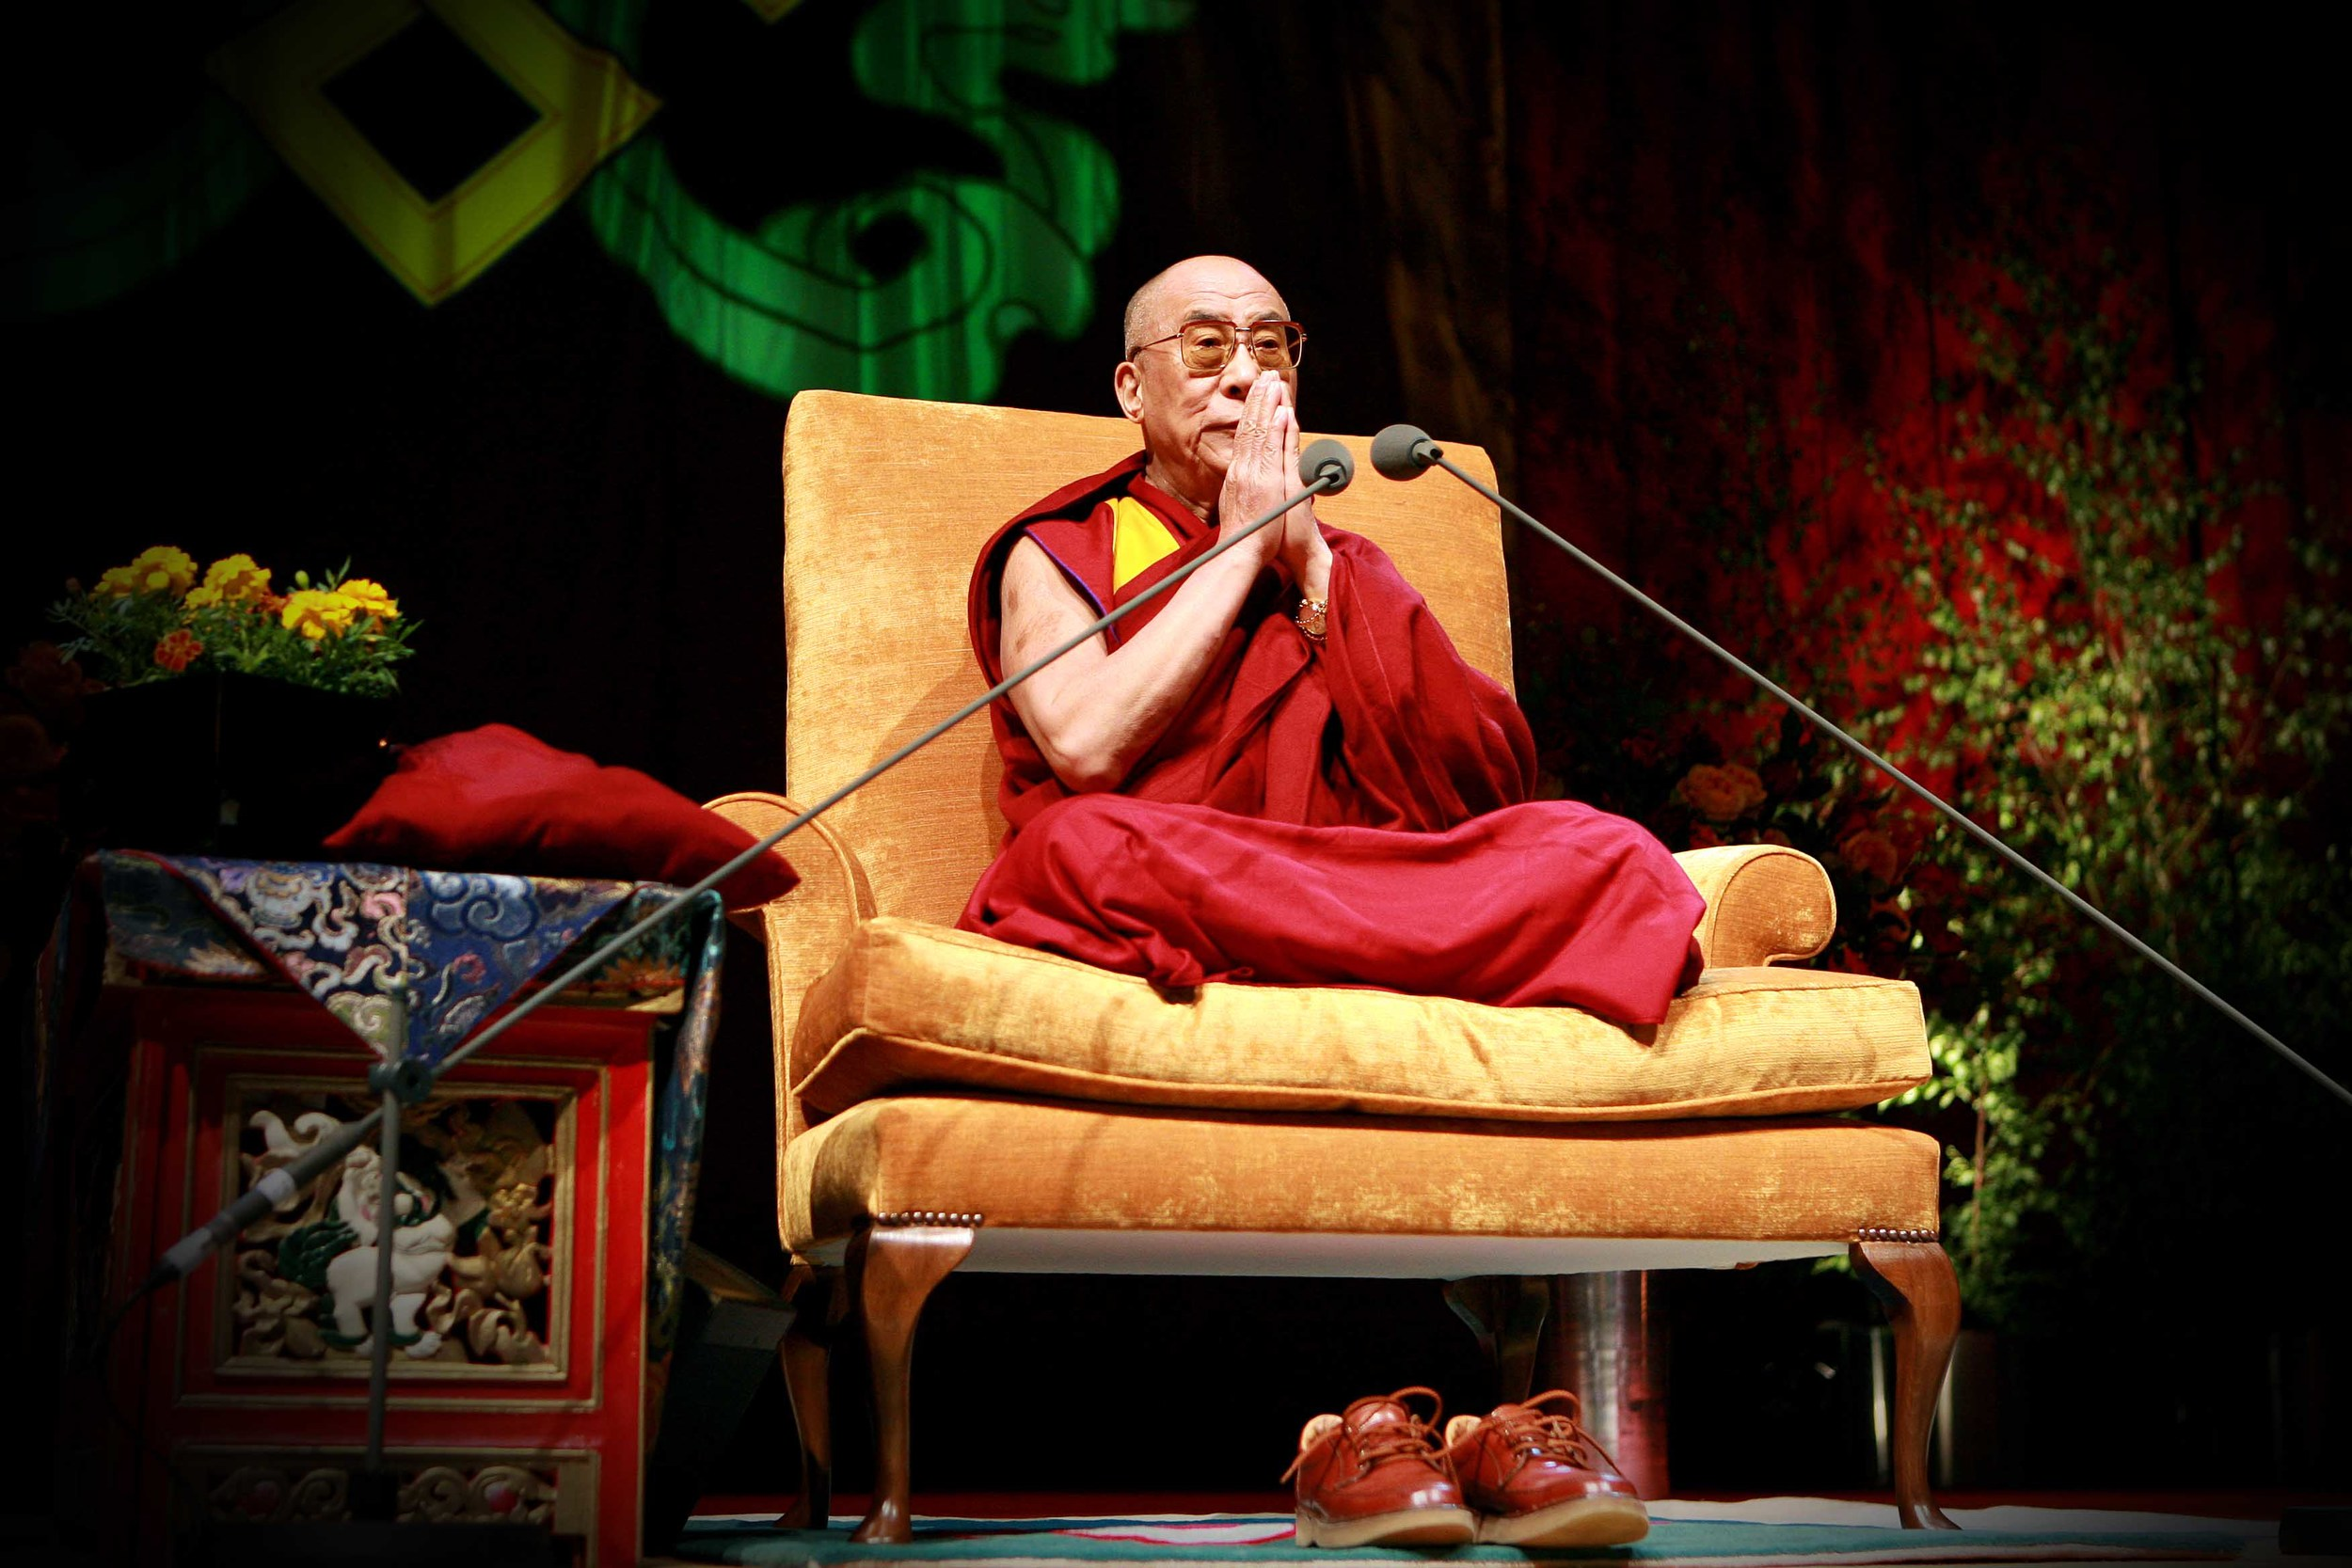 nti_Dalai_Lama_10.JPG